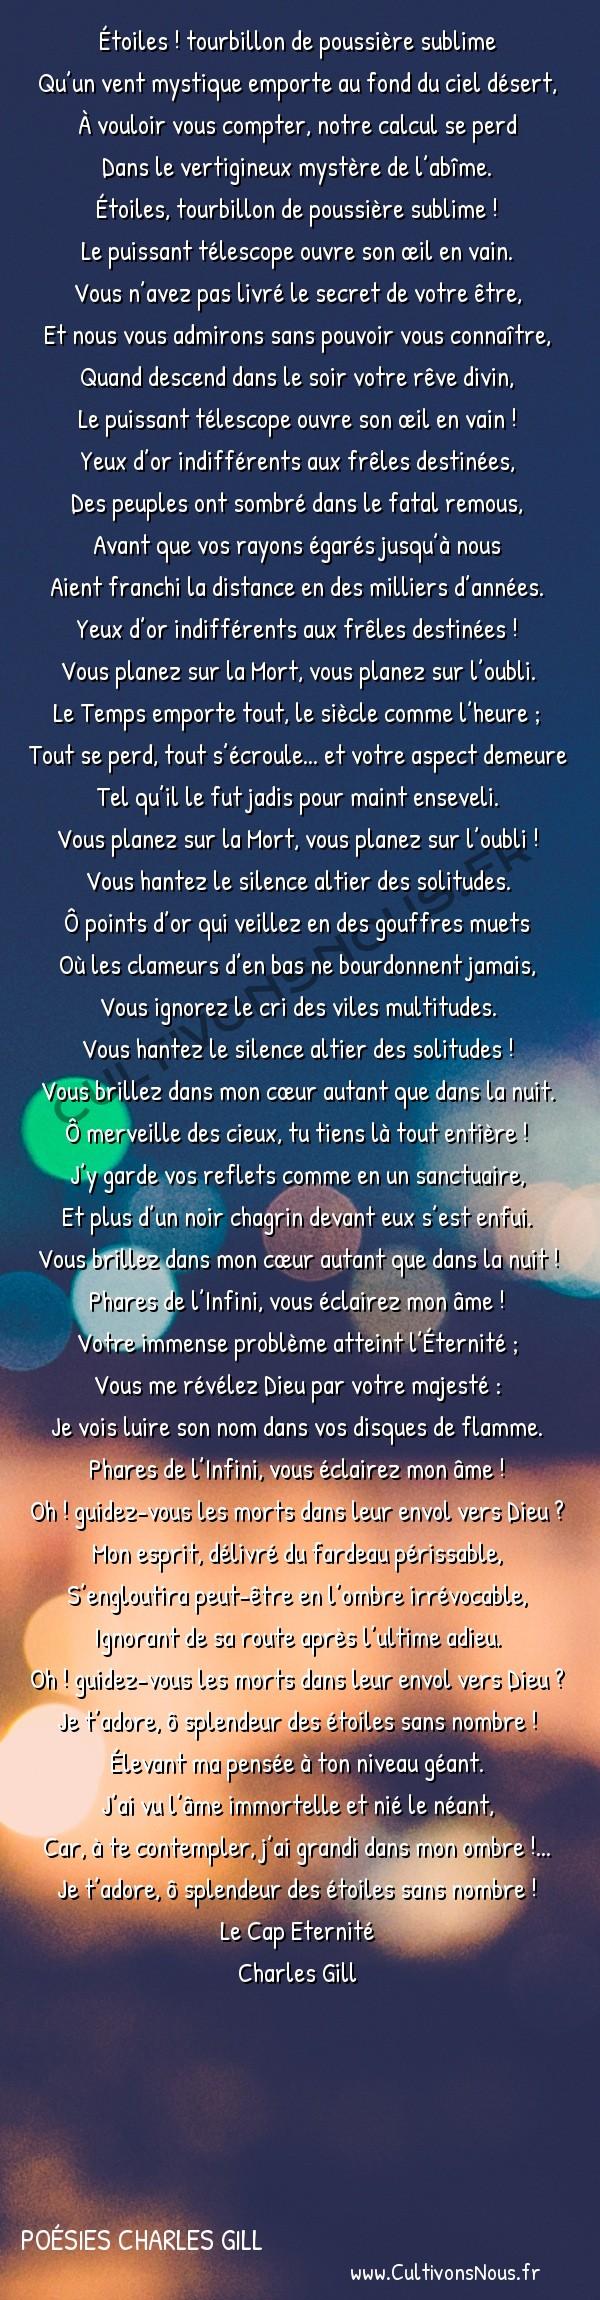 Poésies Charles Gill - Le Cap Éternité - Stances aux étoiles -  Étoiles ! tourbillon de poussière sublime Qu'un vent mystique emporte au fond du ciel désert,